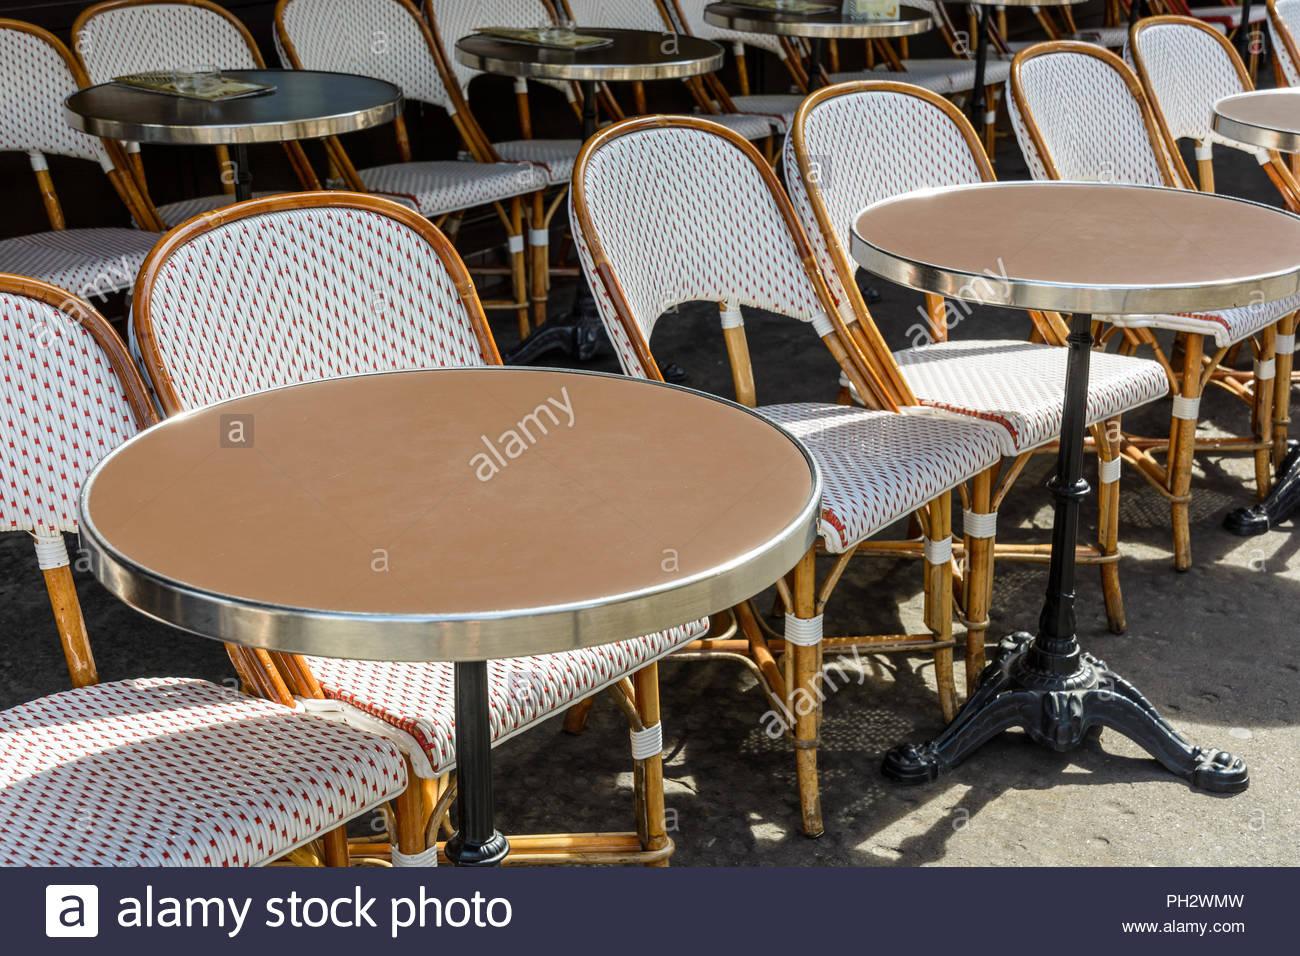 une terrasse typique a l exterieur d une brasserie parisienne mis en place avec des chaises en rotin et des petites tables rondes avec une jambe de fer de fonte ph2wmw